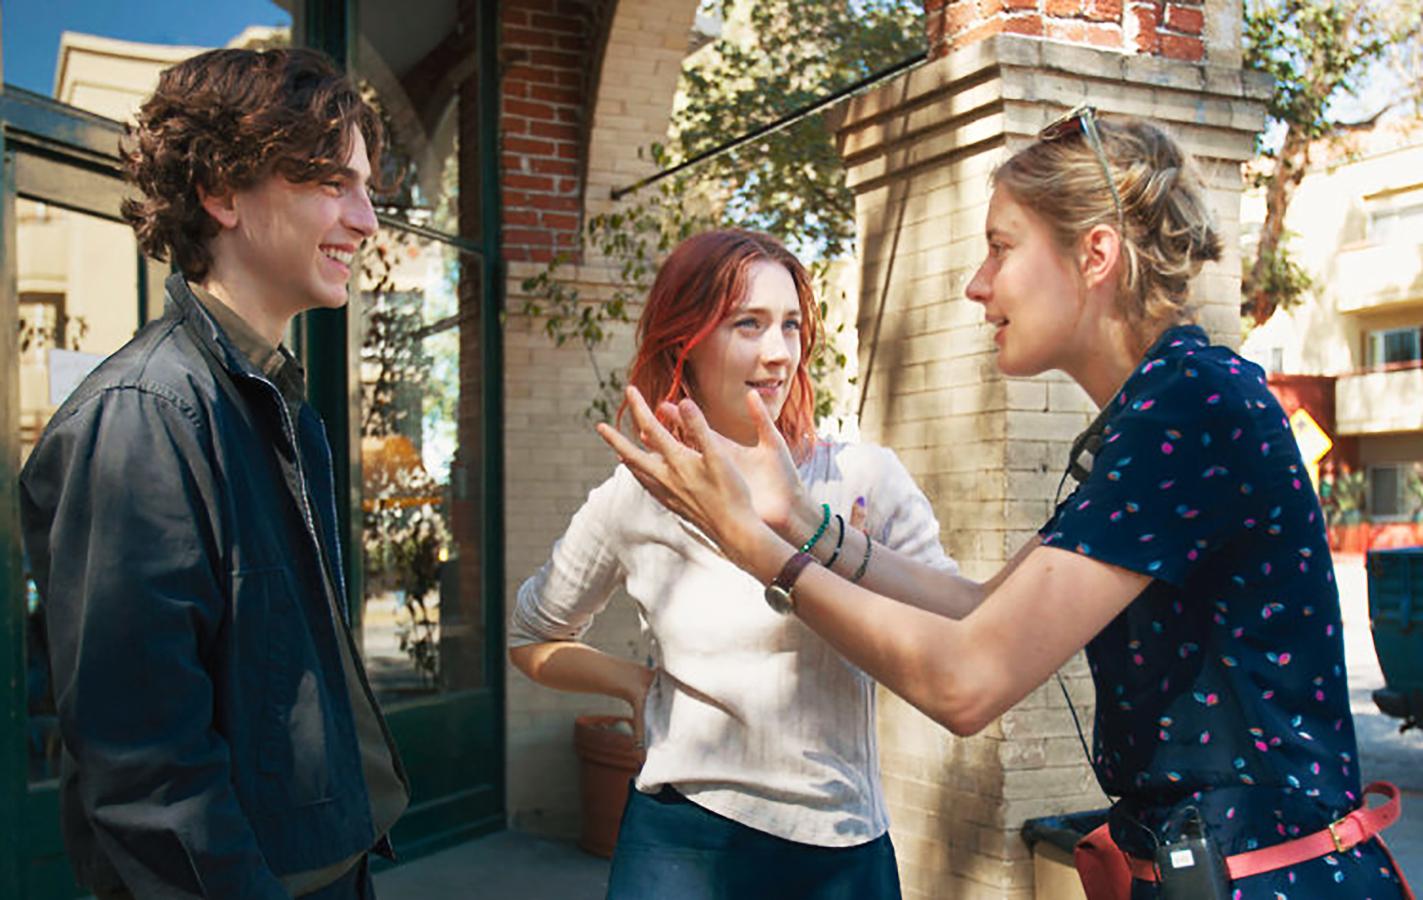 گرتا گرویگ فیلم «زنان کوچک» را کارگردانی میکند